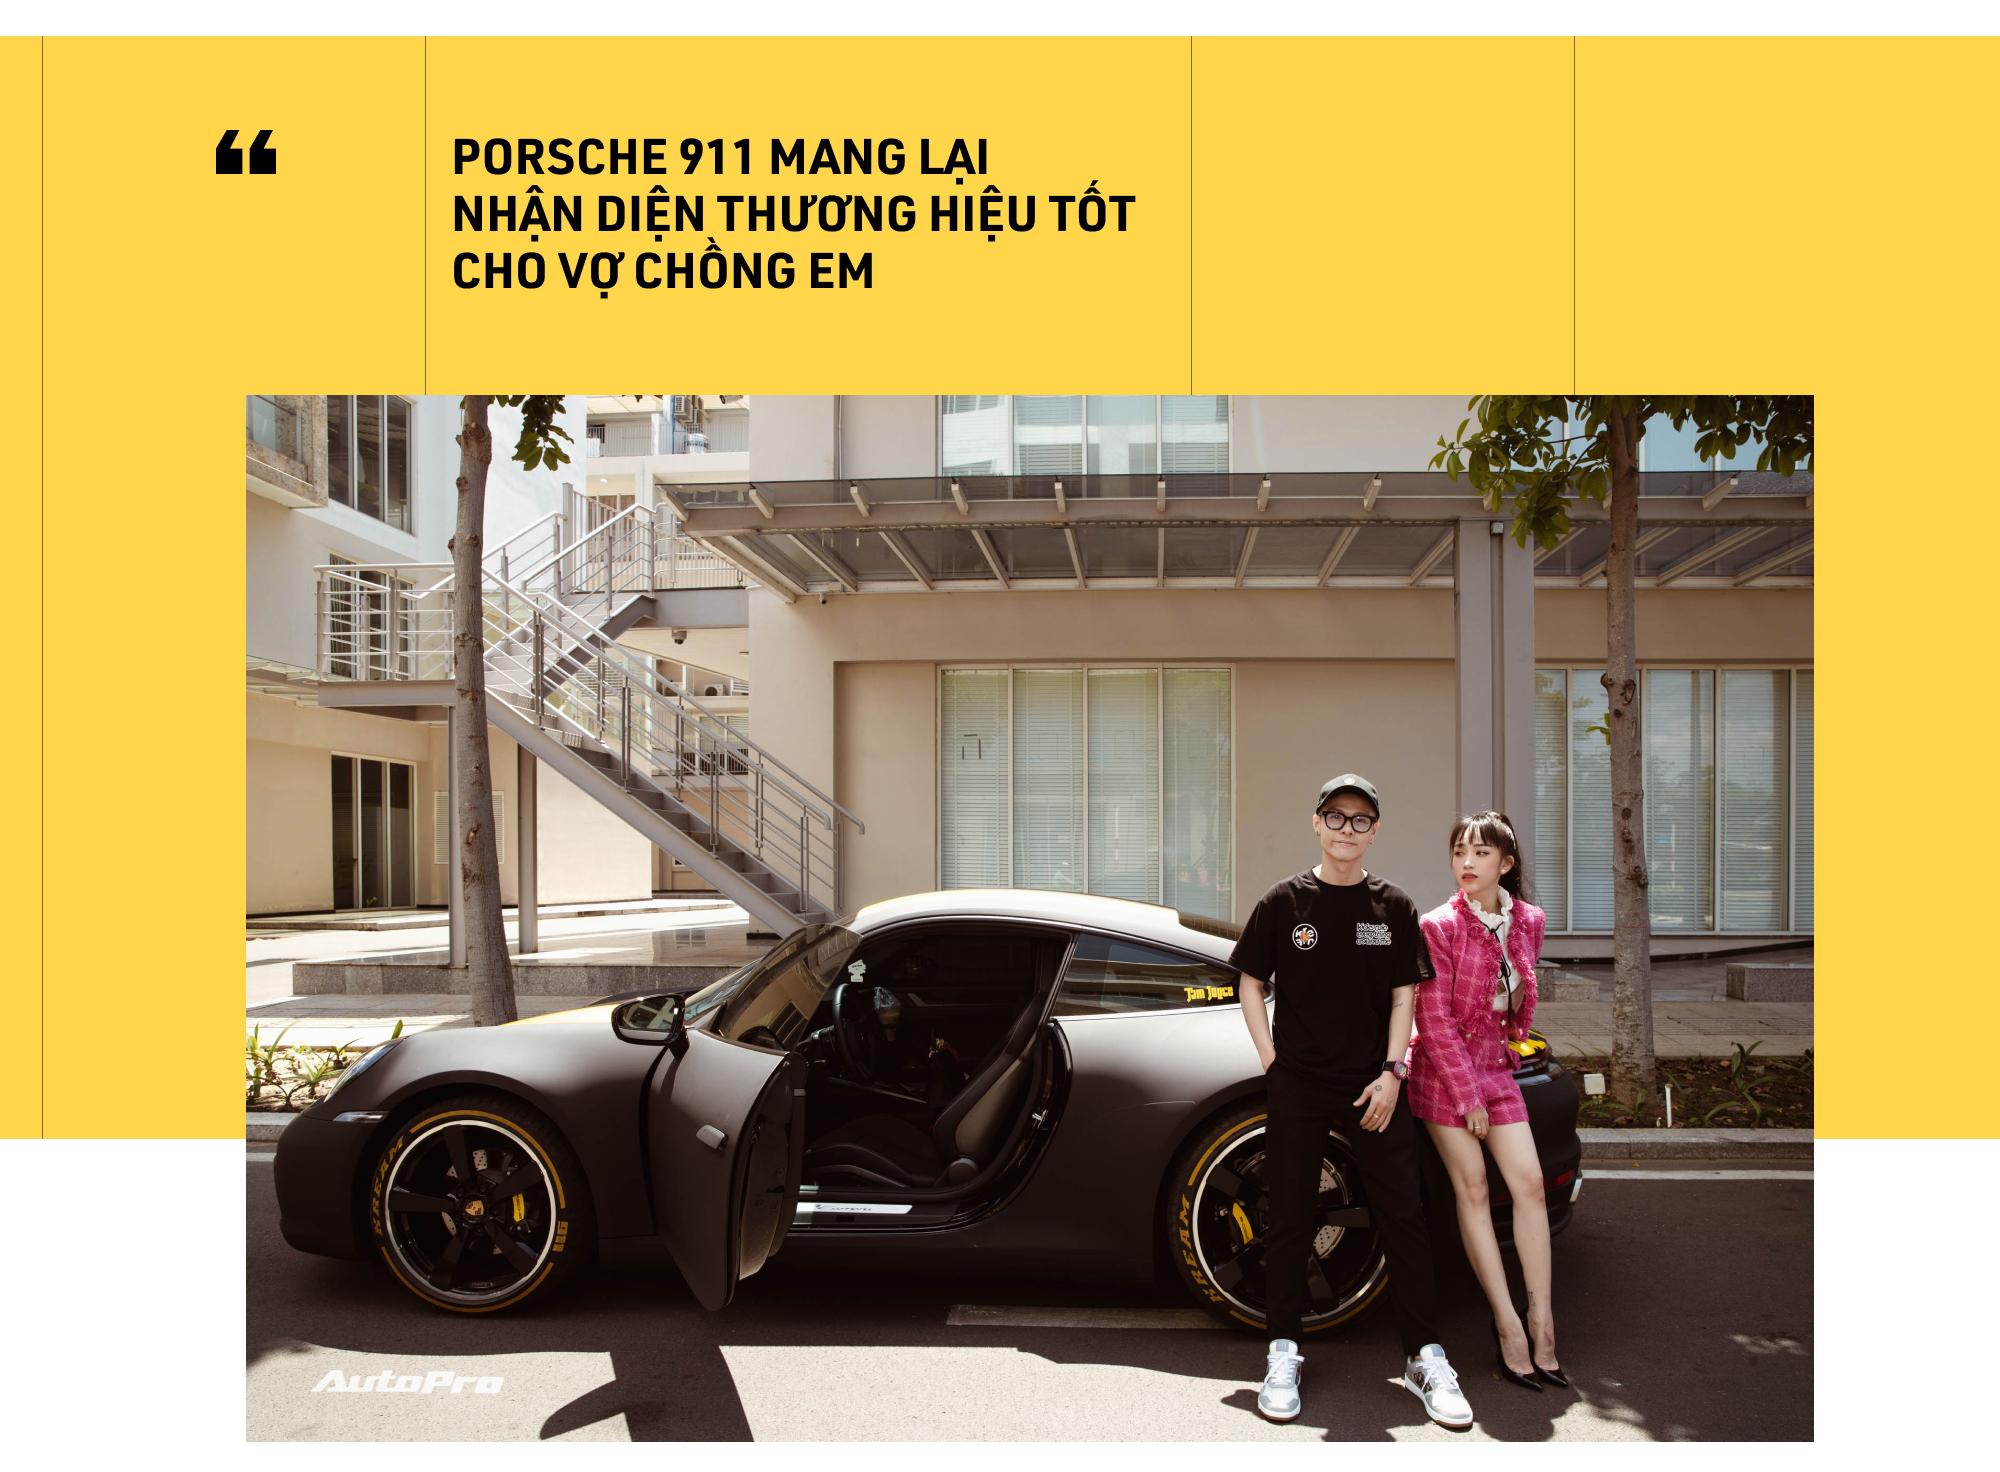 Con gái Minh Nhựa: 'Một đứa 21 tuổi như em sao tự mua chiếc xe đắt như Porsche 911 được' - Ảnh 10.